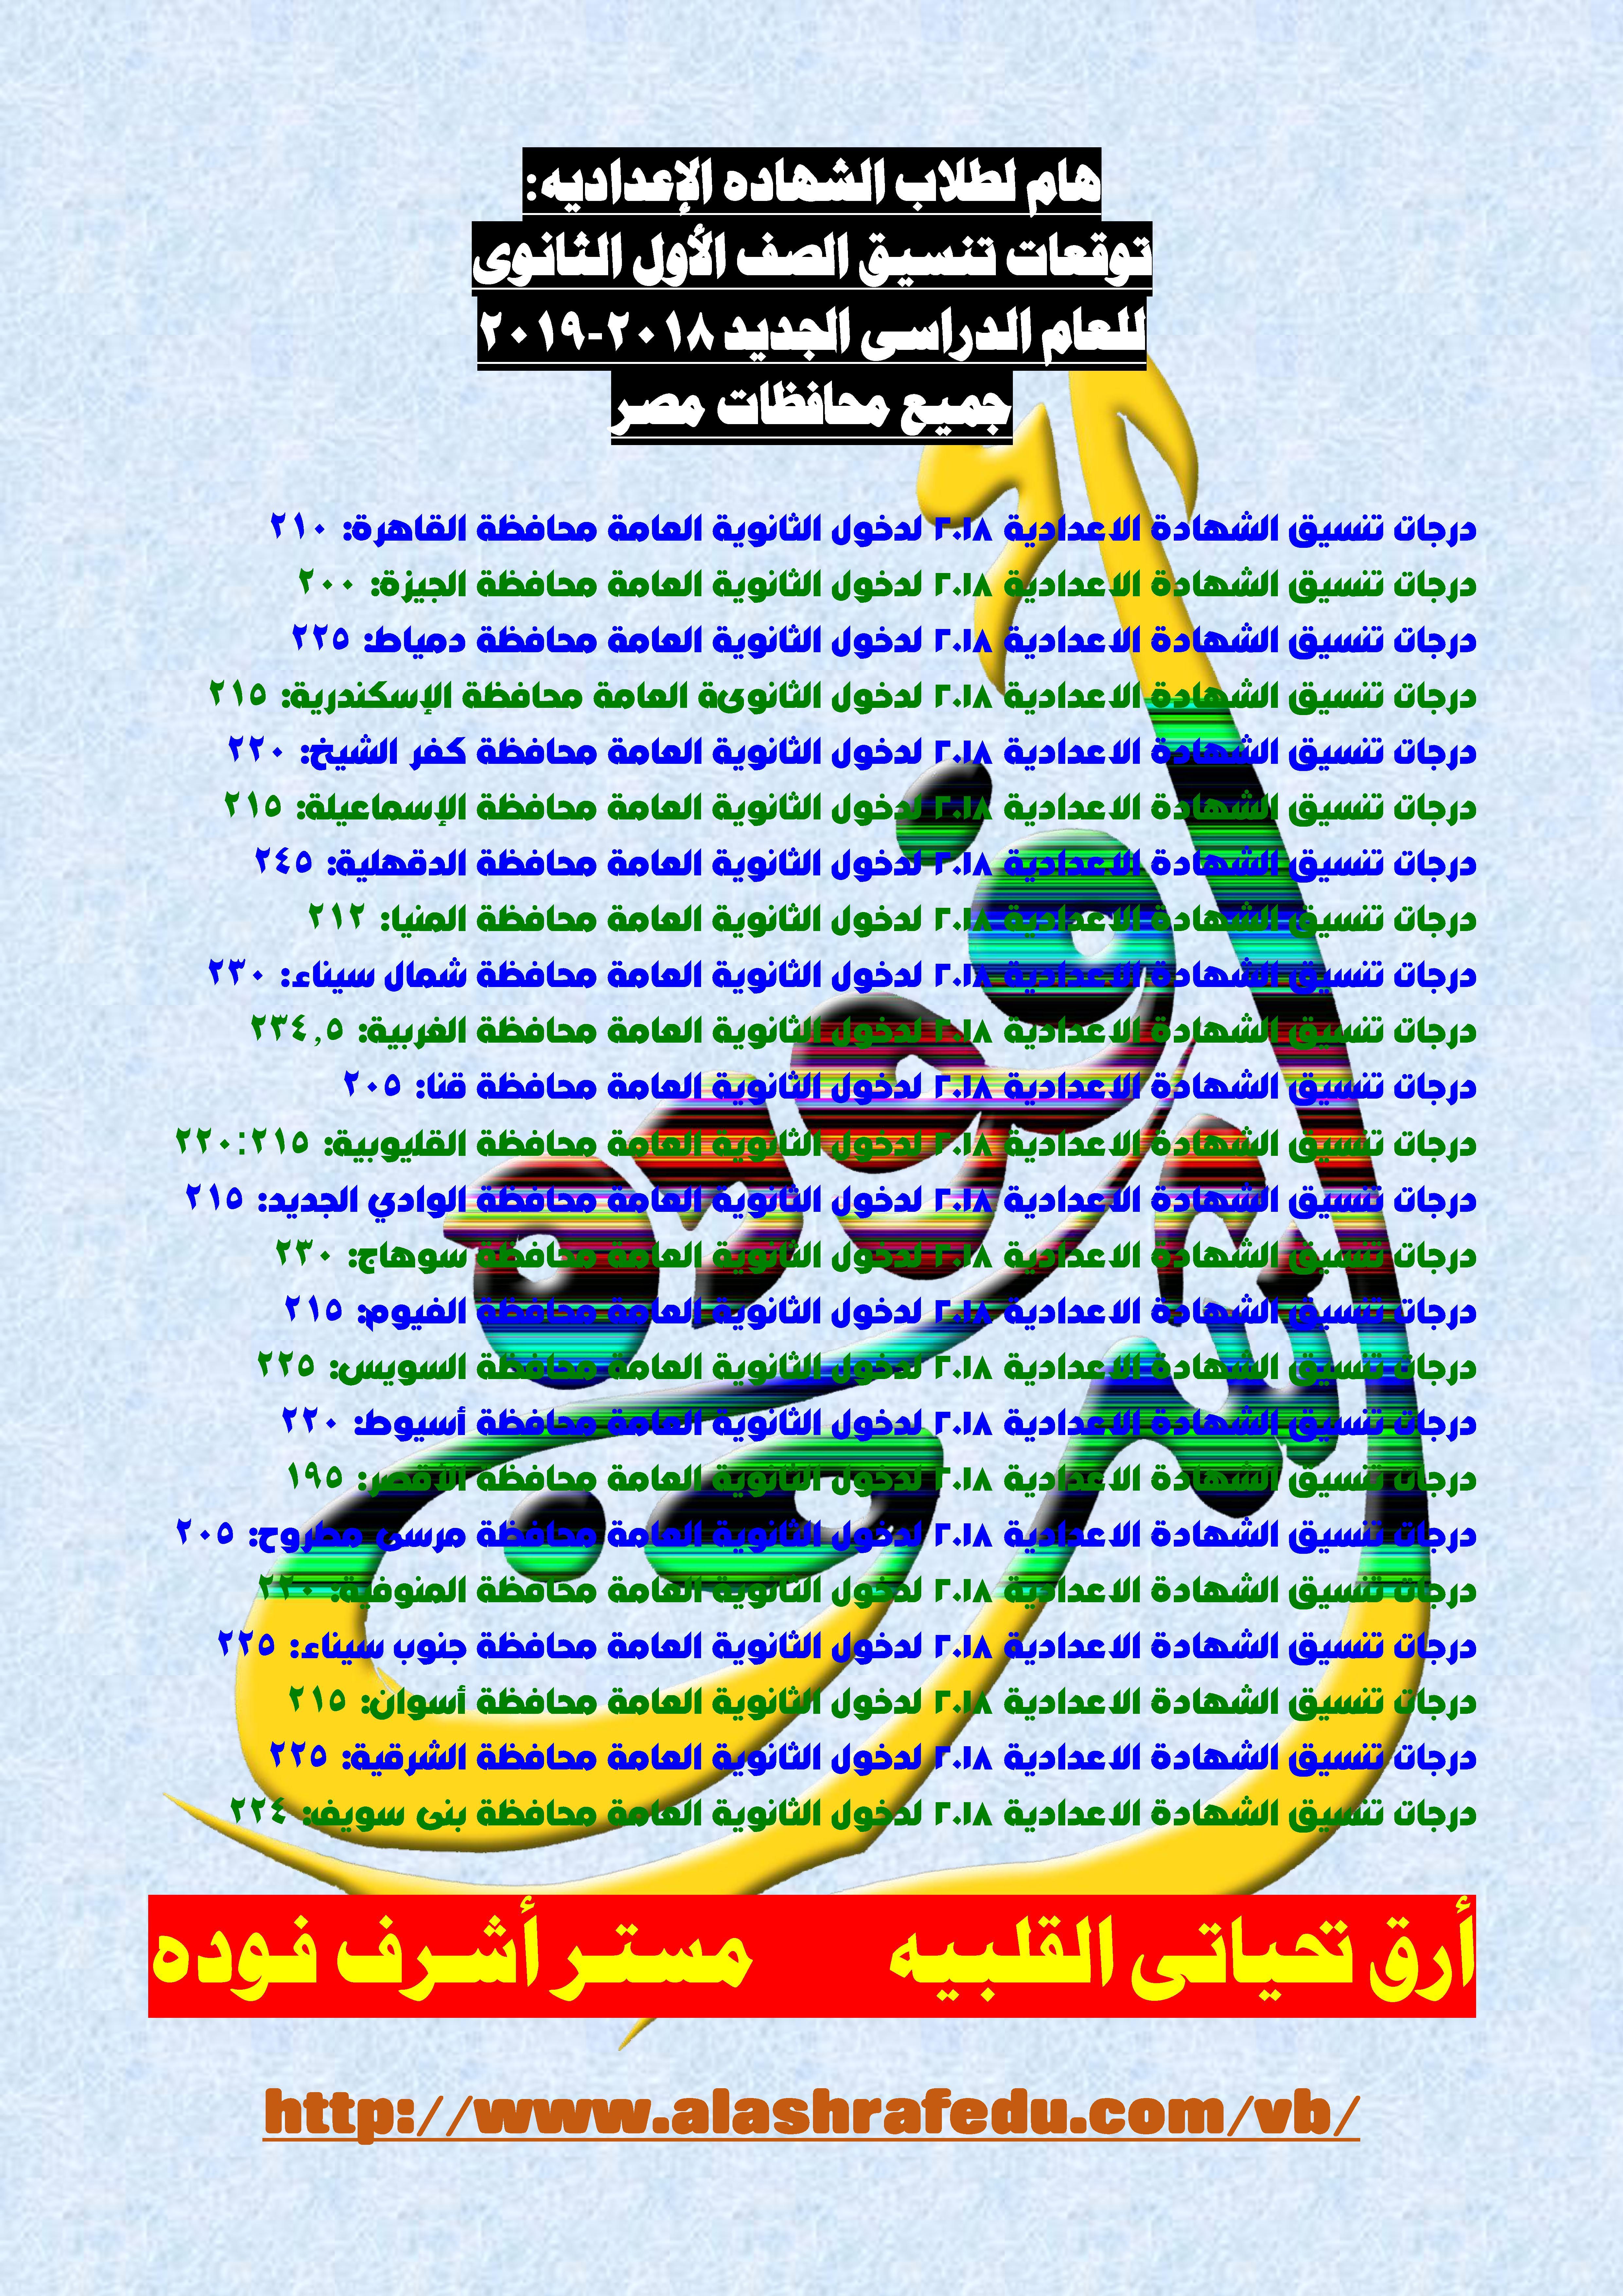 لطلاب الشهاده الإعداديه توقعات تنسيق الصف الأول www.alashrafedu.com1